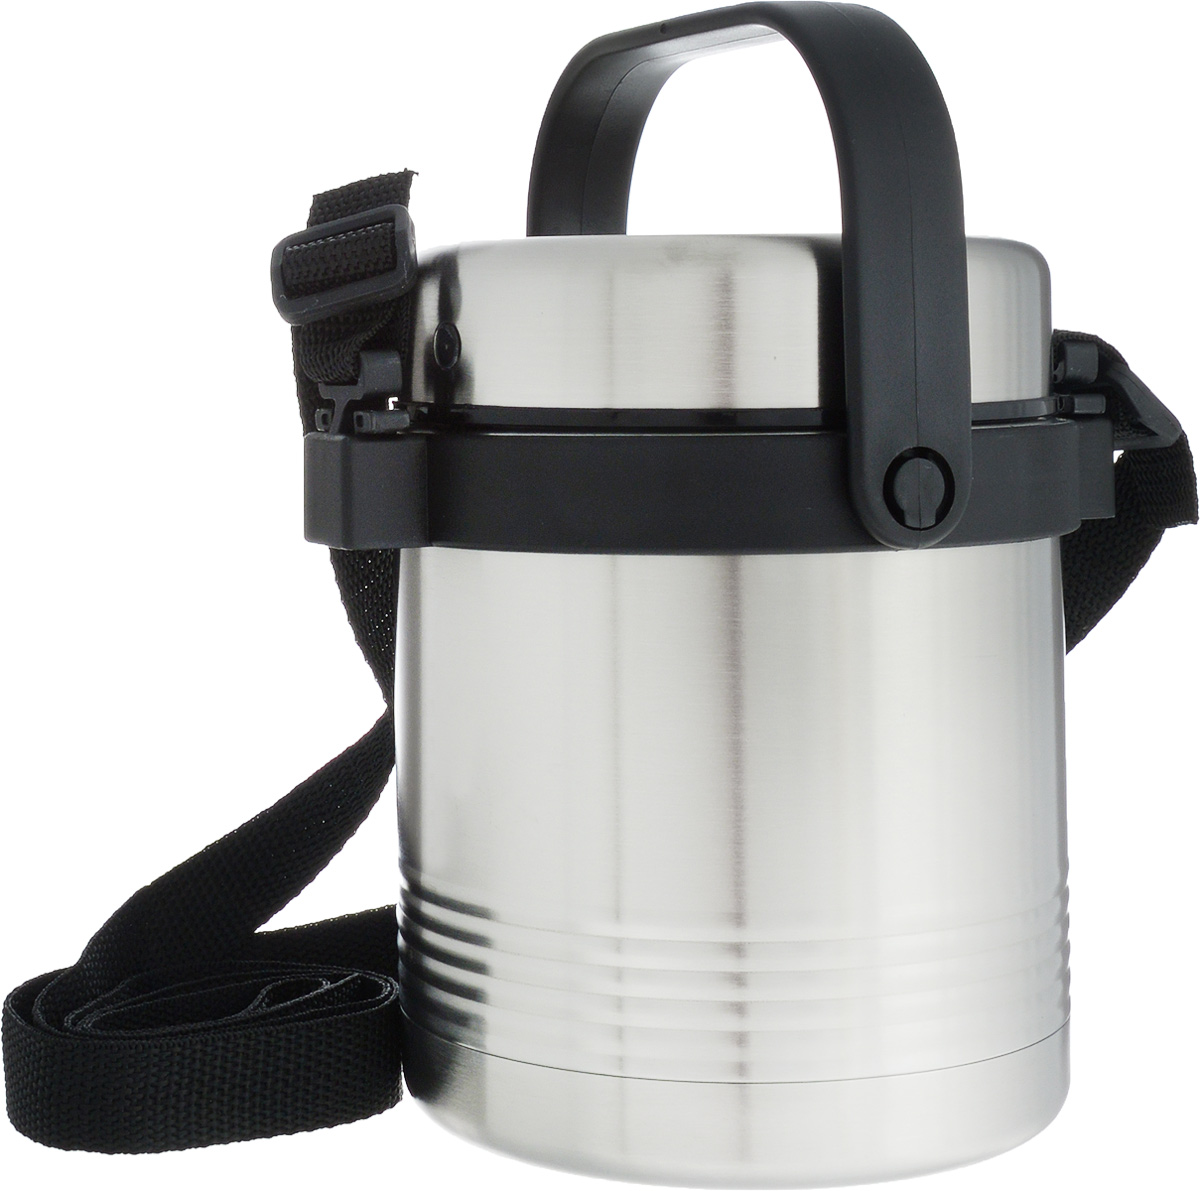 Термос для еды Emsa Senator, с контейнером, 1 л502524Термос Emsa Senator изготовлен из высококачественной нержавеющей стали. Термос предназначен для горячих и холодных продуктов. Термос оснащен глухой крышкой, которая предотвращает проливание. Также он имеет удобную ручку и съемный ремень.Внутри термоса есть дополнительный пластиковый контейнер, который герметично закрывается крышкой.Стильный металлический термос понравится абсолютно всем и впишется в любой интерьер кухни.Можно мыть в посудомоечной машине.Диаметр горлышка термоса: 11 см.Диаметр основания термоса: 11 см.Высота термоса (с учетом крышки): 16 см. Диаметр контейнера: 10 см. Высота контейнера (с учетом крышки): 12 см.Сохранение холода: 12 ч.Сохранение тепла: 6 ч.